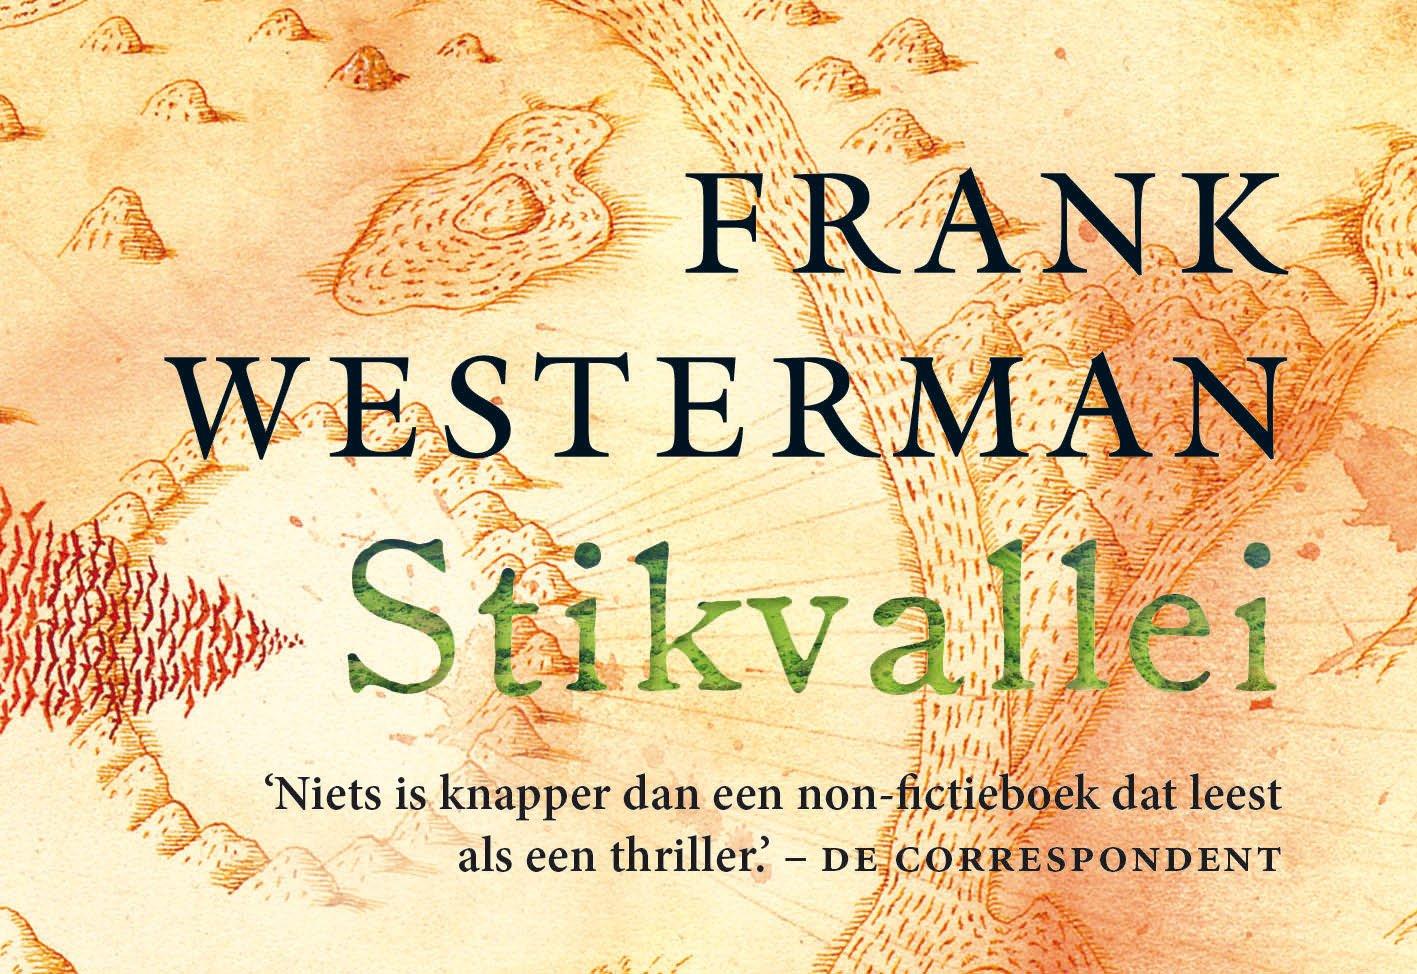 Stikvallei | Dwarsligger 9789049805753 Frank Westerman Dwarsligger®   Reisverhalen Wereld als geheel